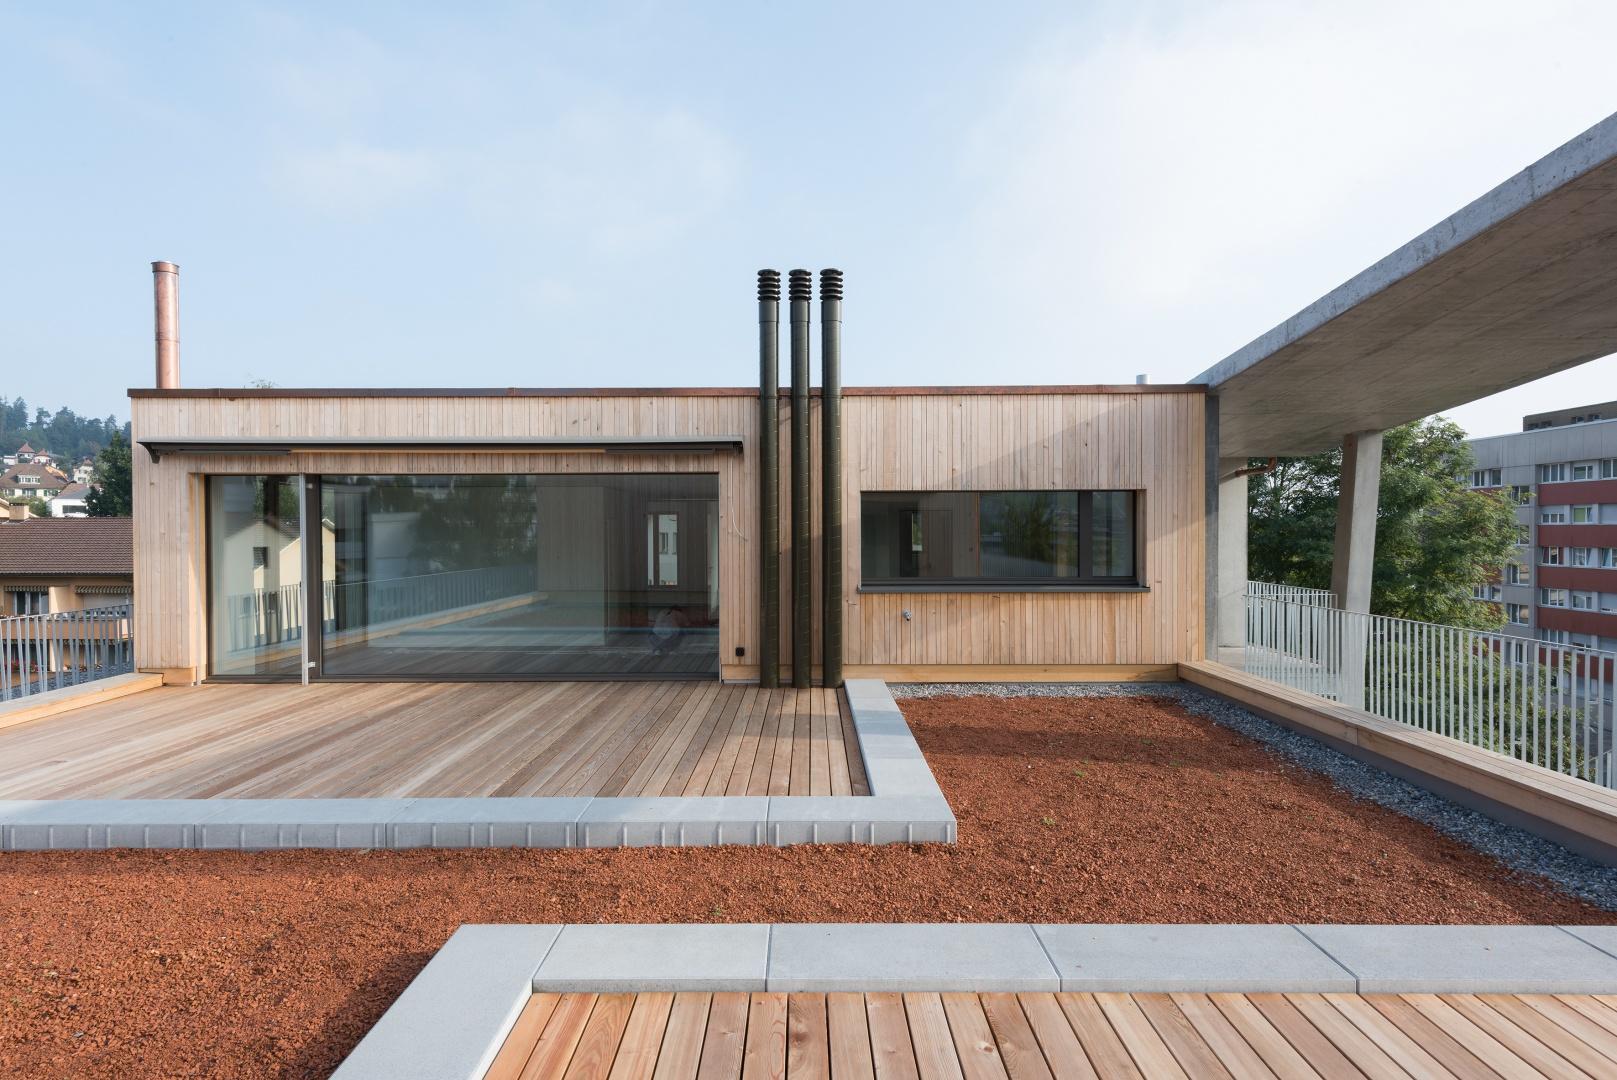 Attika mit Terrasse © Christine Blaser, Bildaufbau, Sandrainstrasse 3 3007 Bern